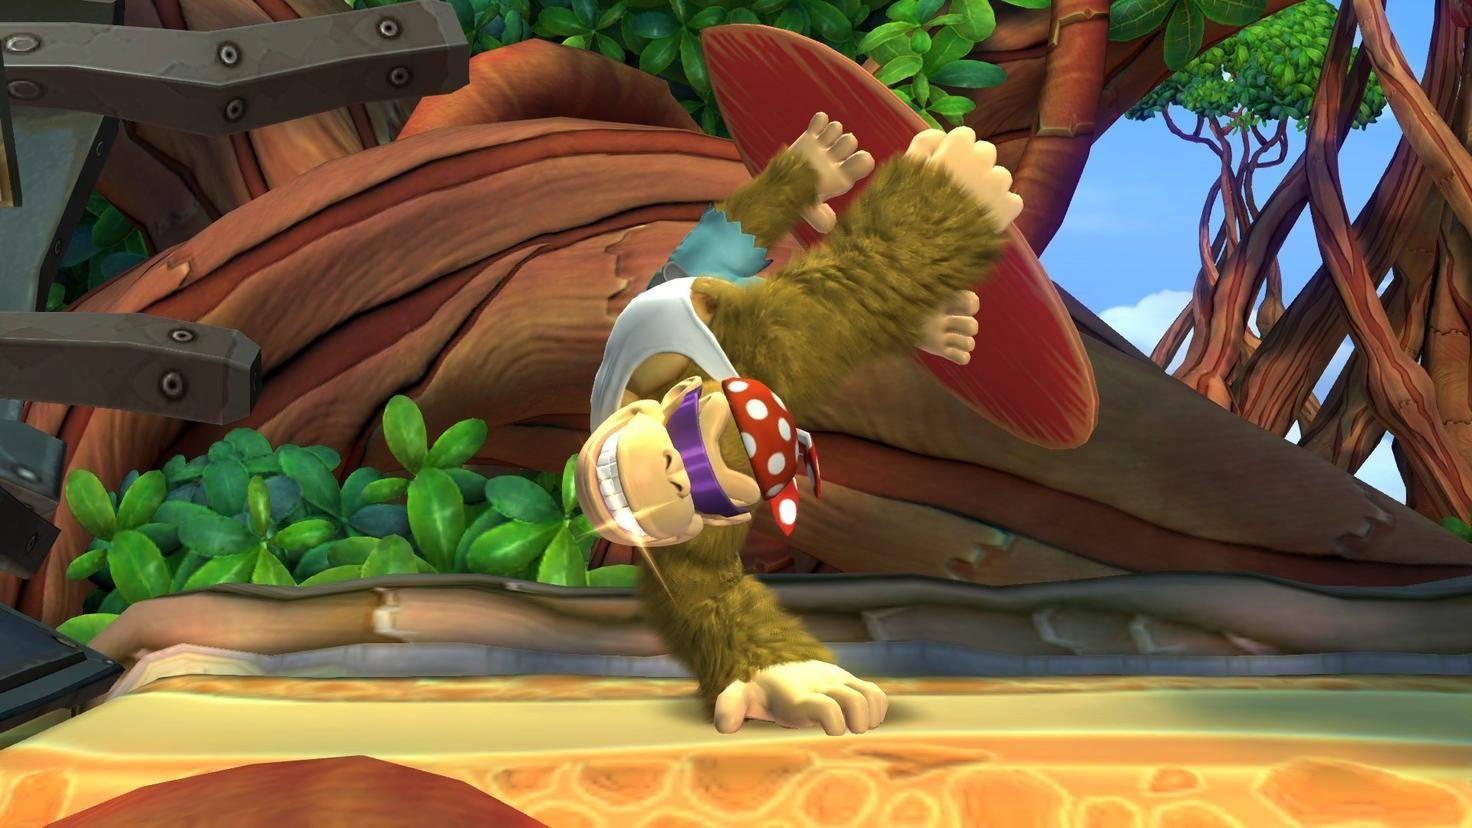 Der neue spielbare Charakter Funky Kong macht es Anfängern etwas leichter, den Dschungel zu bezwingen.